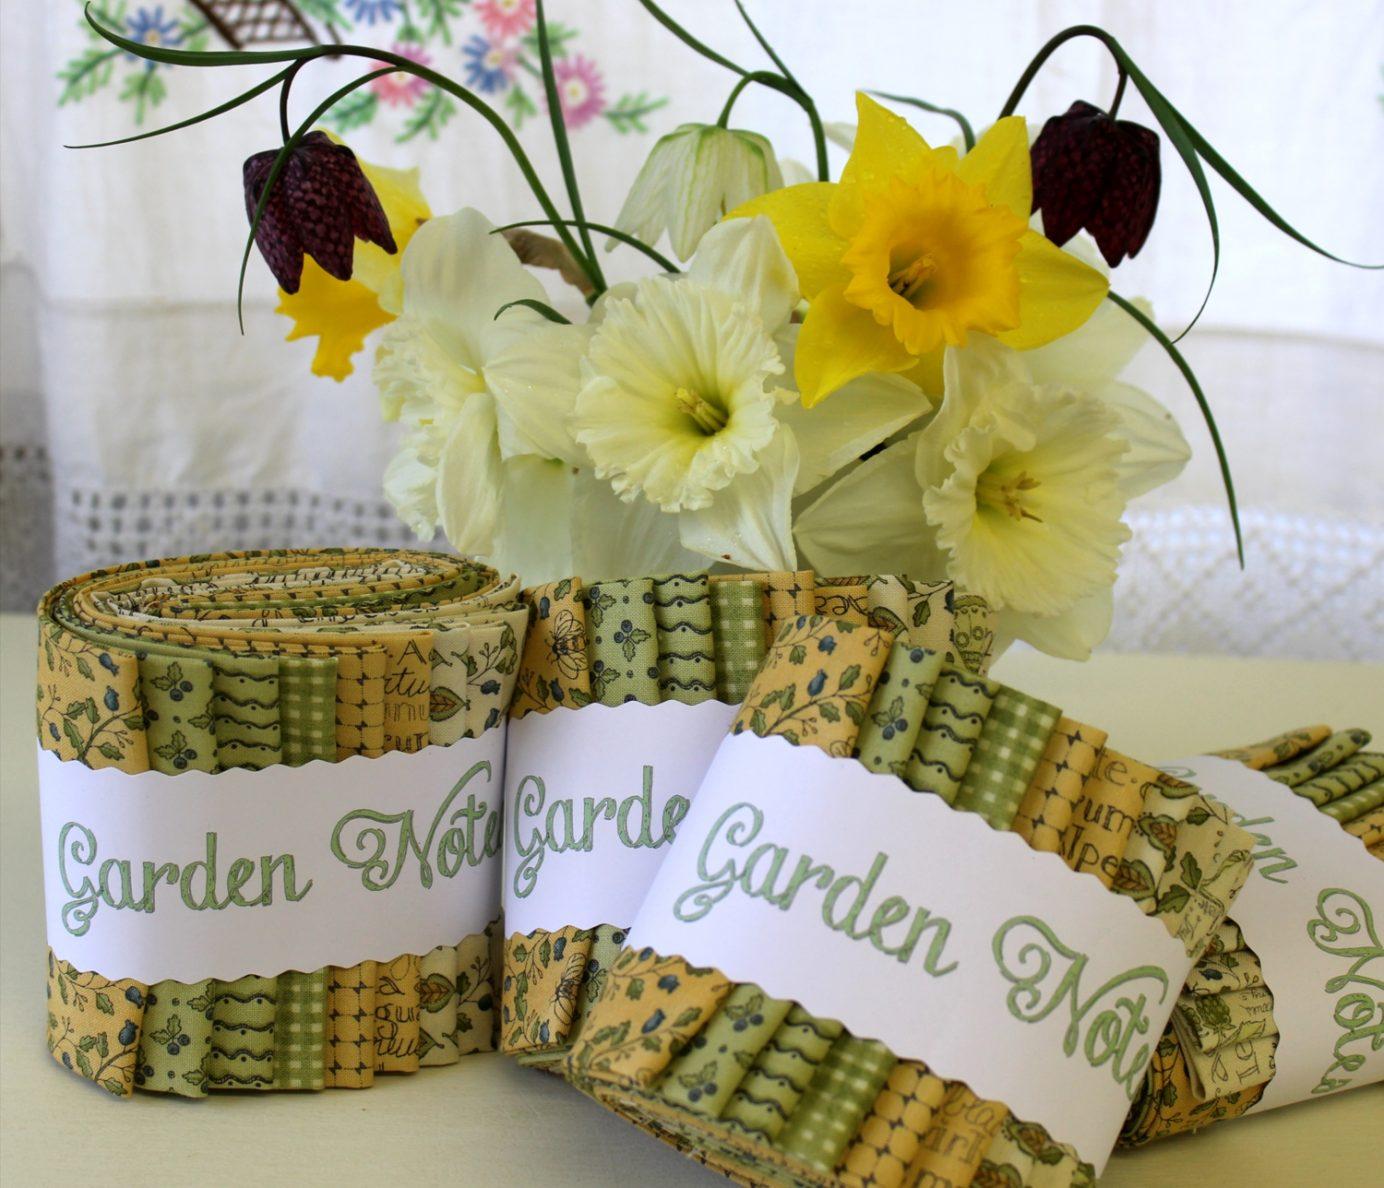 Garden Notes Gold